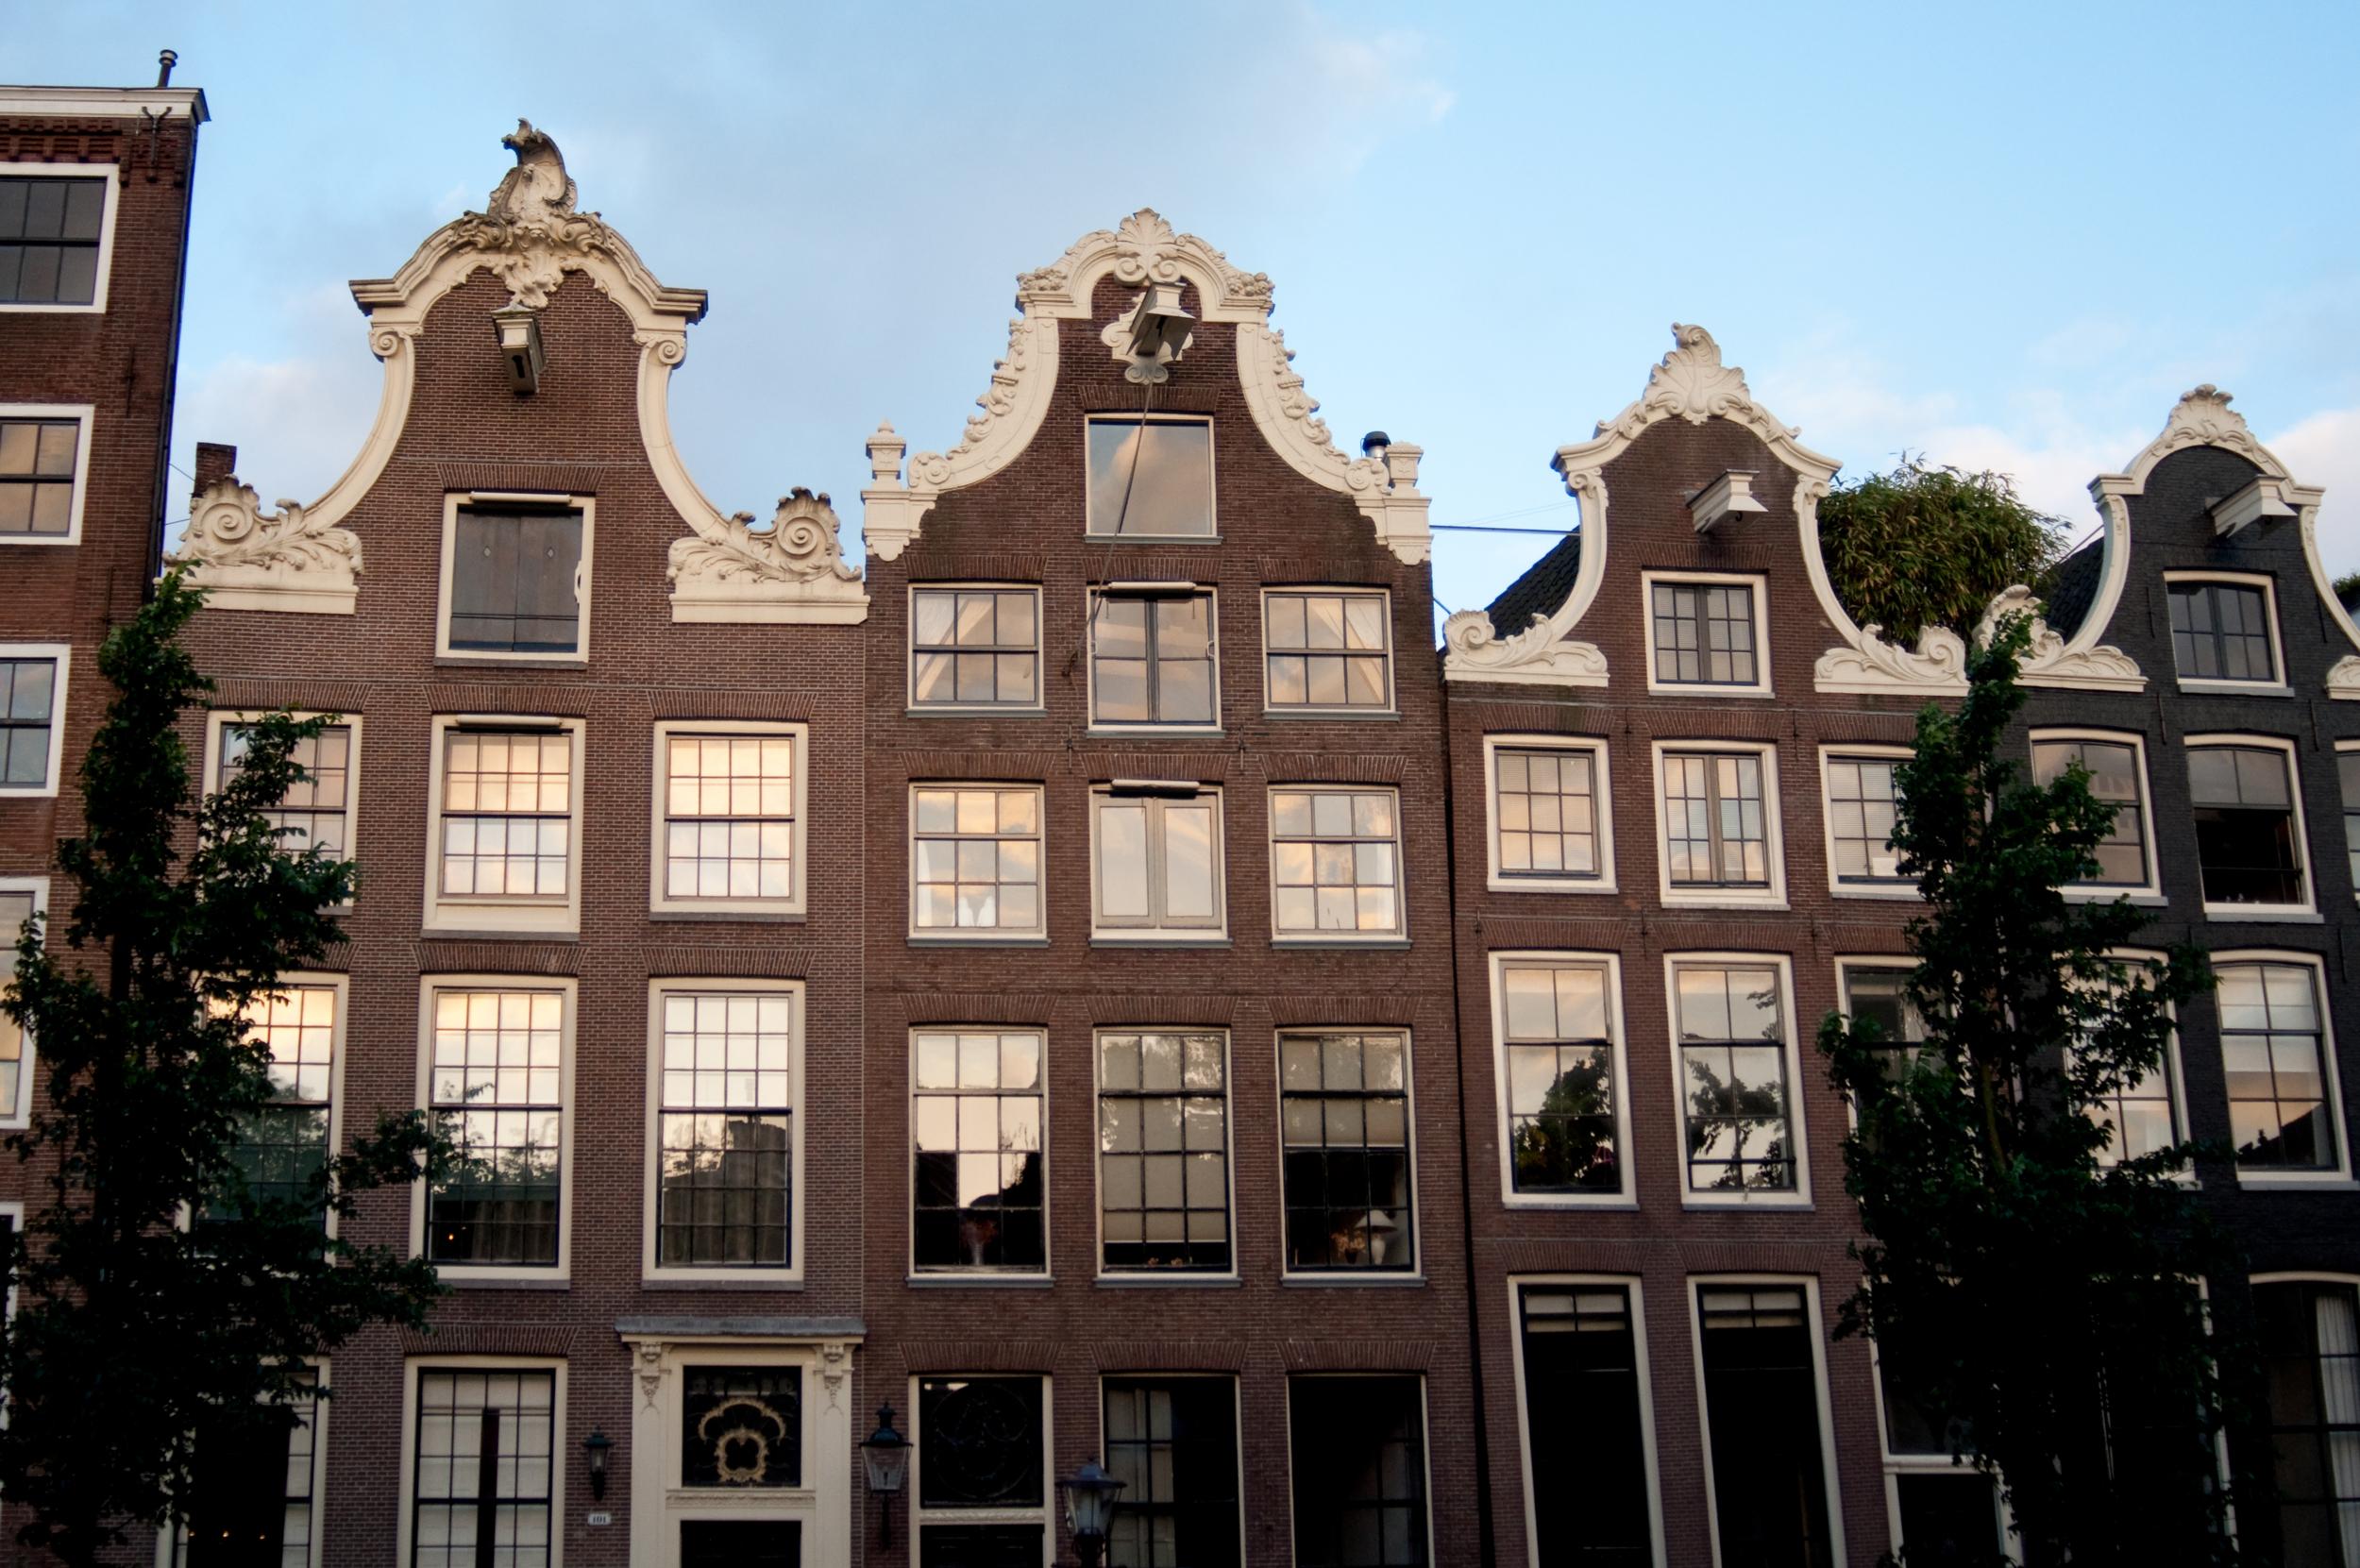 TheVermeerJump_Amsterdam_6823.jpg